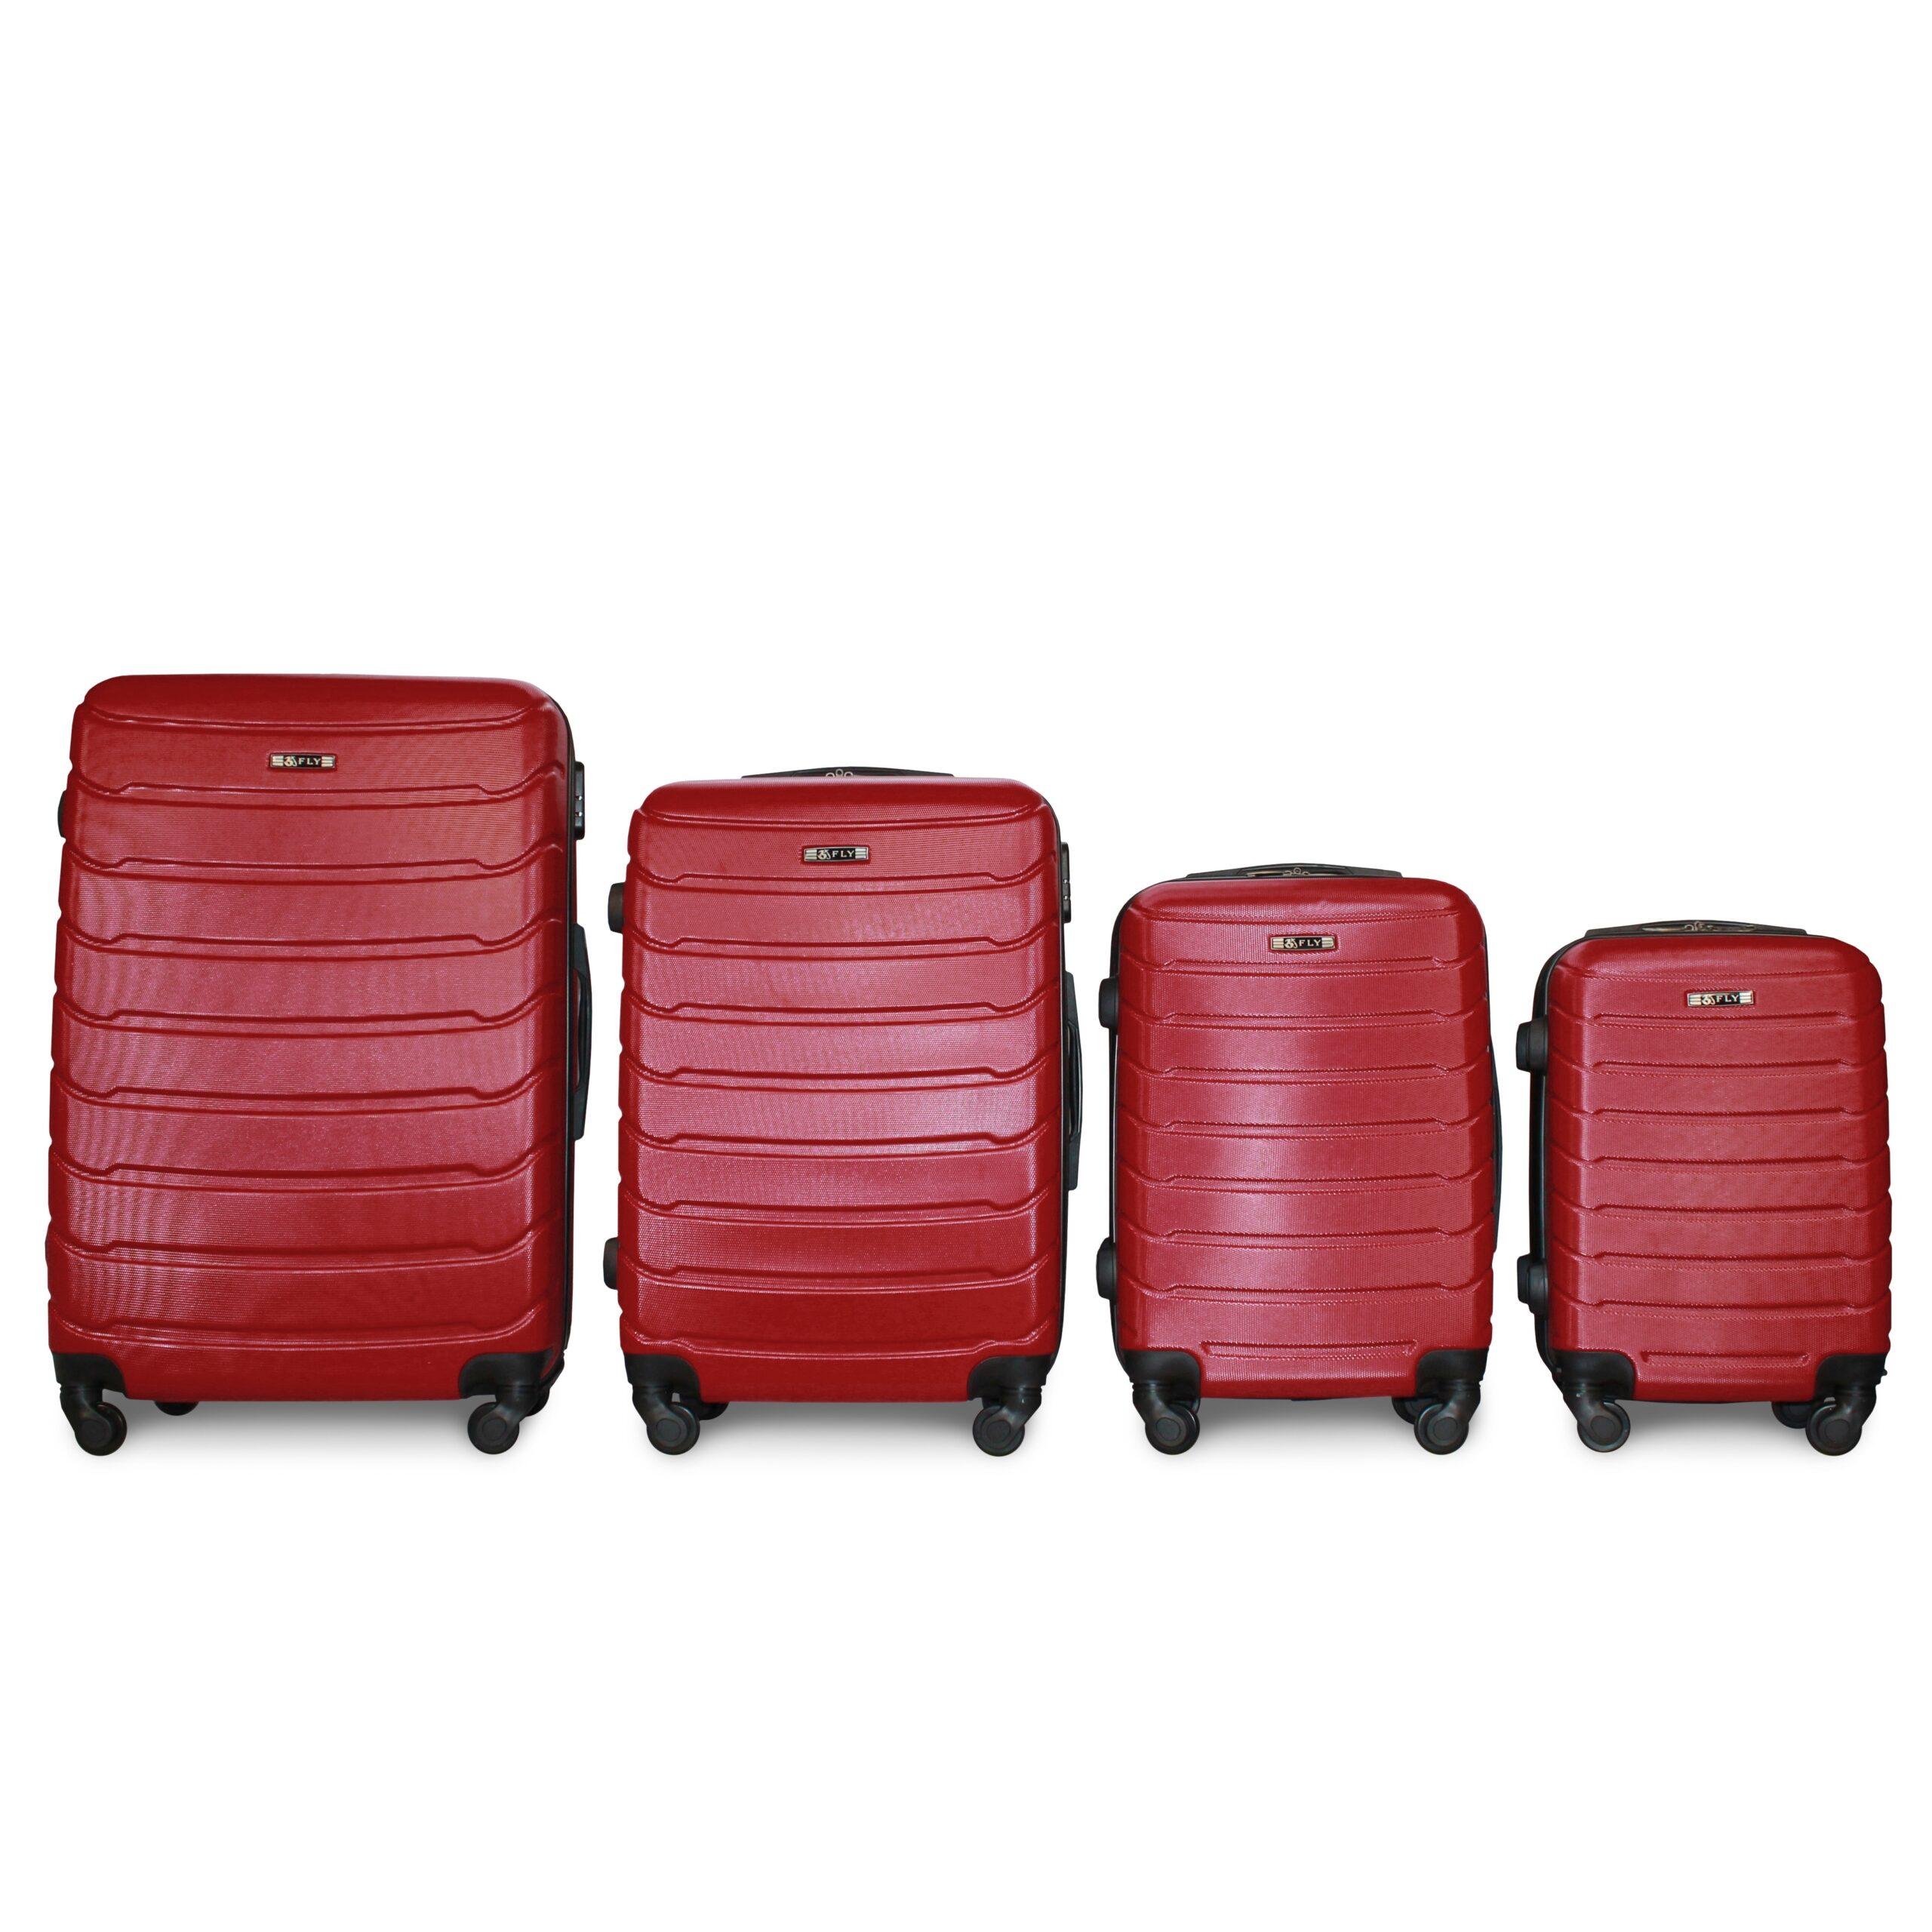 Комплект чемоданов на 4 колесах | Fly 1107 | пластиковый